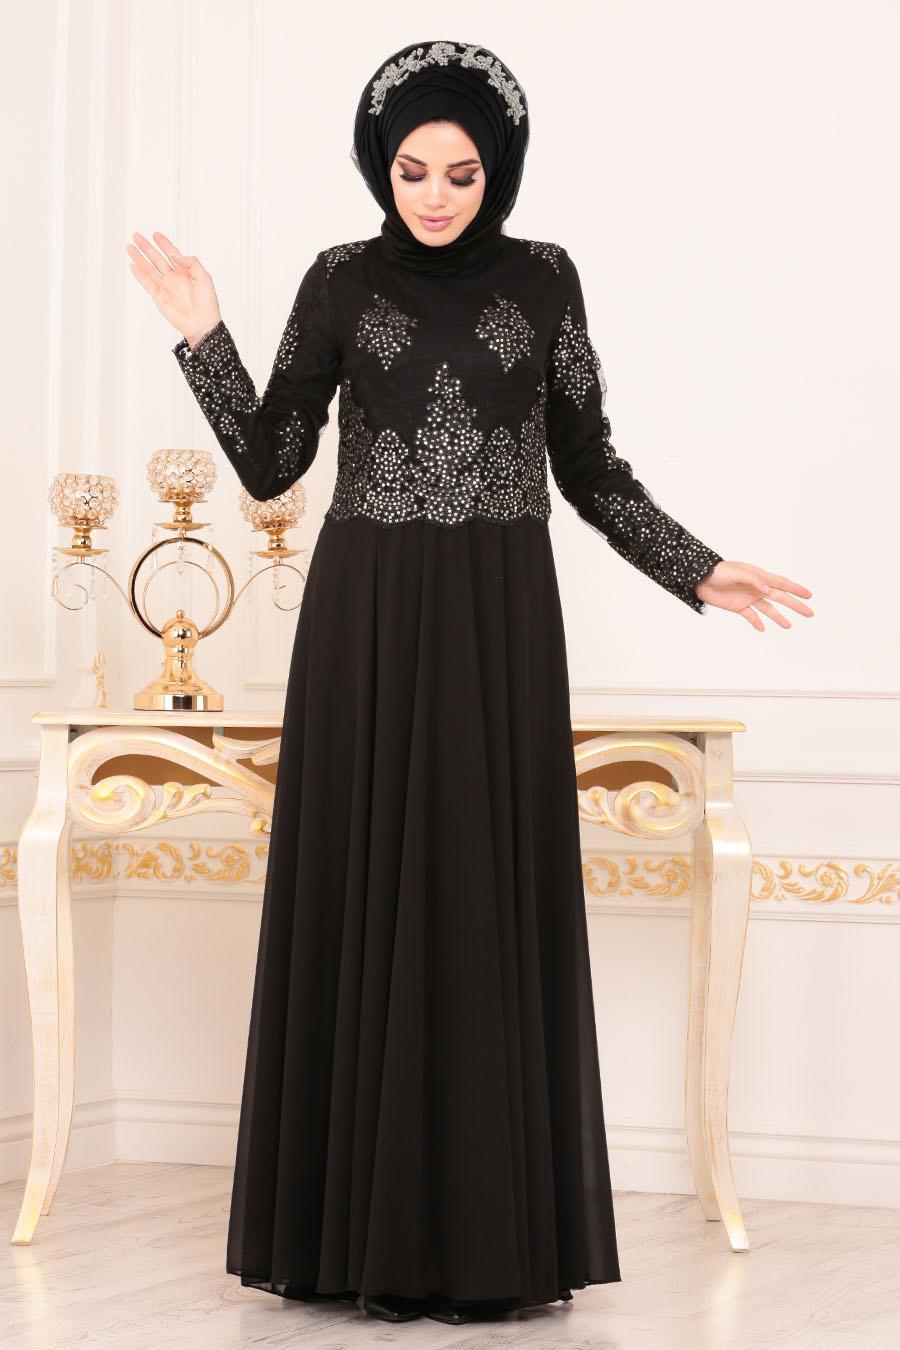 Tesettürlü Abiye Elbise - Üzeri Boncuk Dantelli Siyah Tesettür Abiye Elbise 7688S